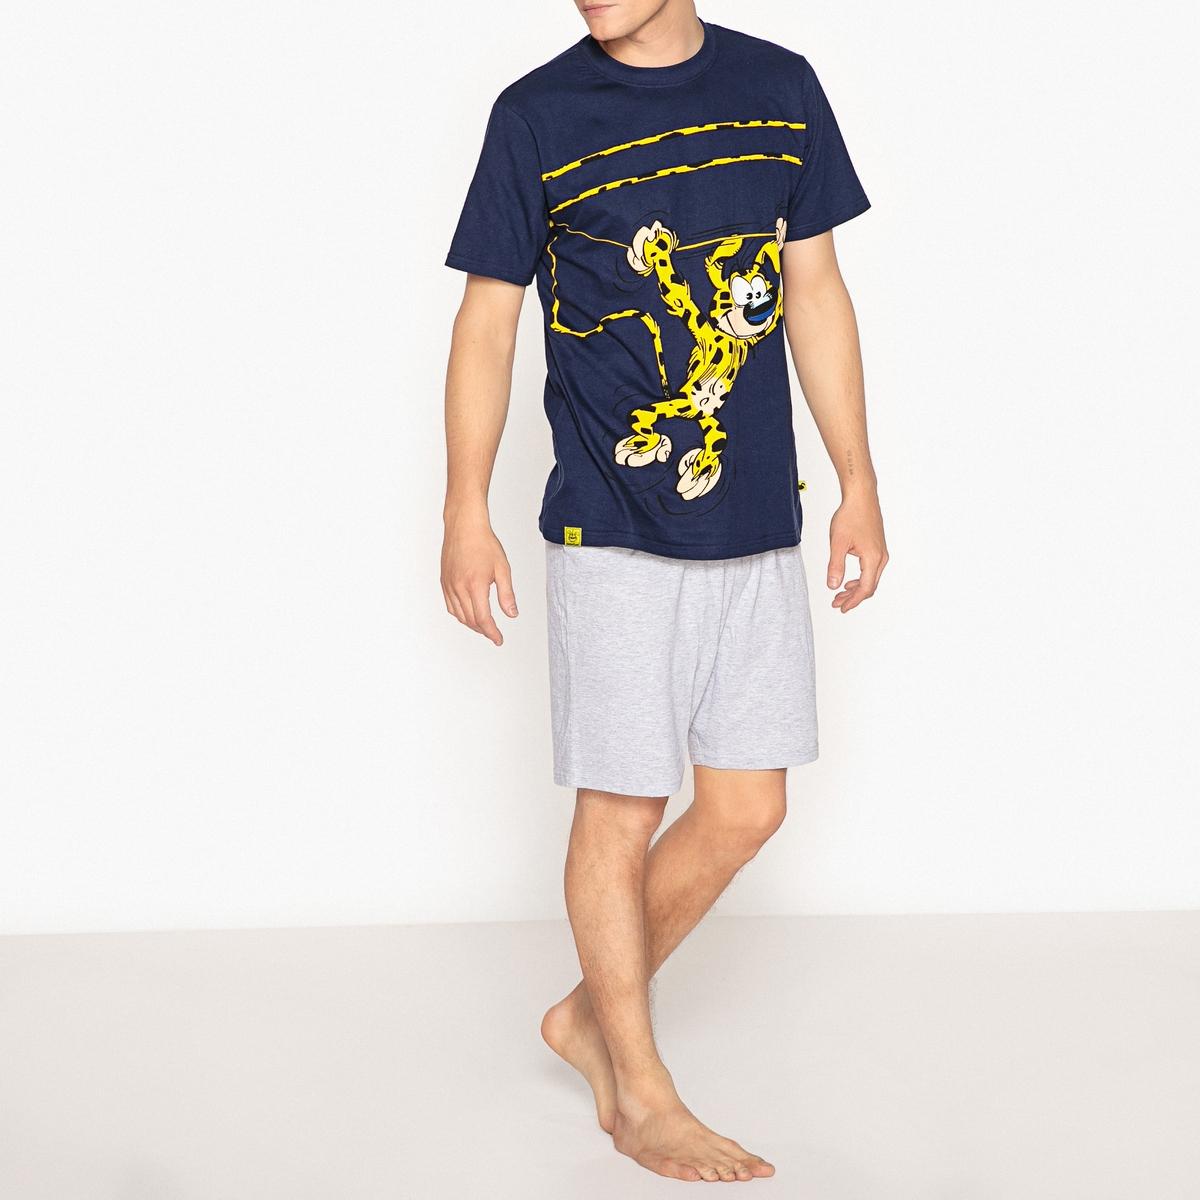 Пижама с шортами из хлопка с рисунком MarsupilamiОписание:Хлопковая пижама Marsupilami с футболкой с рисунком и шортами позволит вставать всегда с Той ноги!Состав и описание :Хлопковая пижама с шортами.Верх с круглым вырезом, короткими рукавами, рисунком и логотипом  Marsupilami  Шорты с эластичным поясом.  •  Материал : Футболка  92% хлопка, 8% полиэстера - Шорты  100% хлопок  •  Марка : Marsupilami Уход :  •  Стирать с вещами схожих цветов при 30°.  •  Гладить с изнаночной стороны при низкой температуре •  Машинная сушка запрещена.<br><br>Цвет: темно-синий + серый меланж